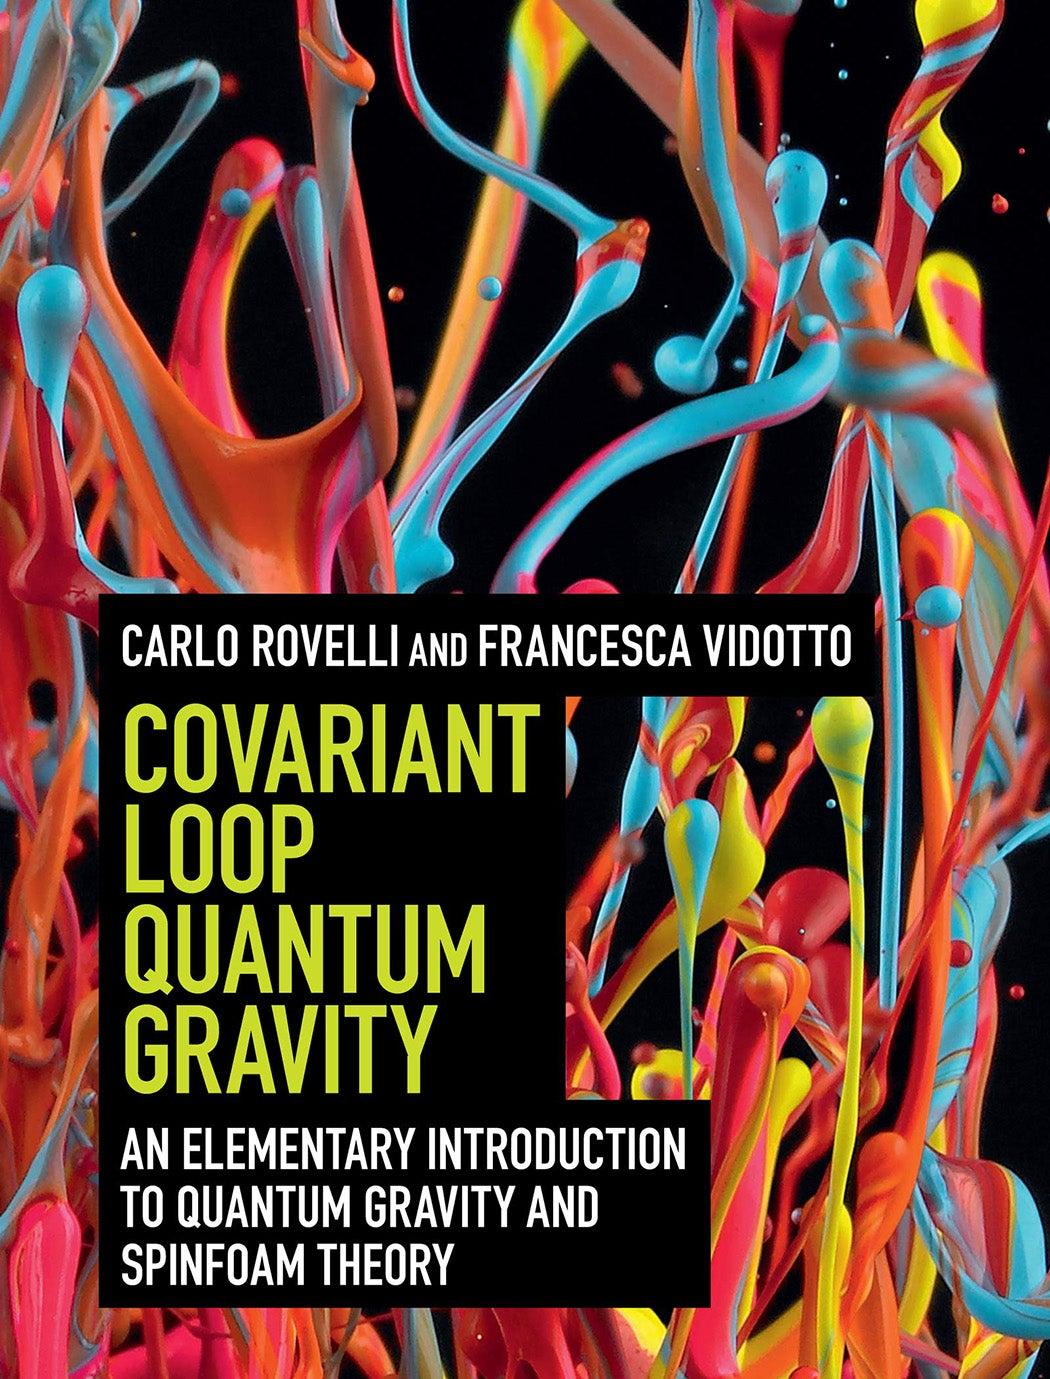 Covariant Loop Quantum Gravity